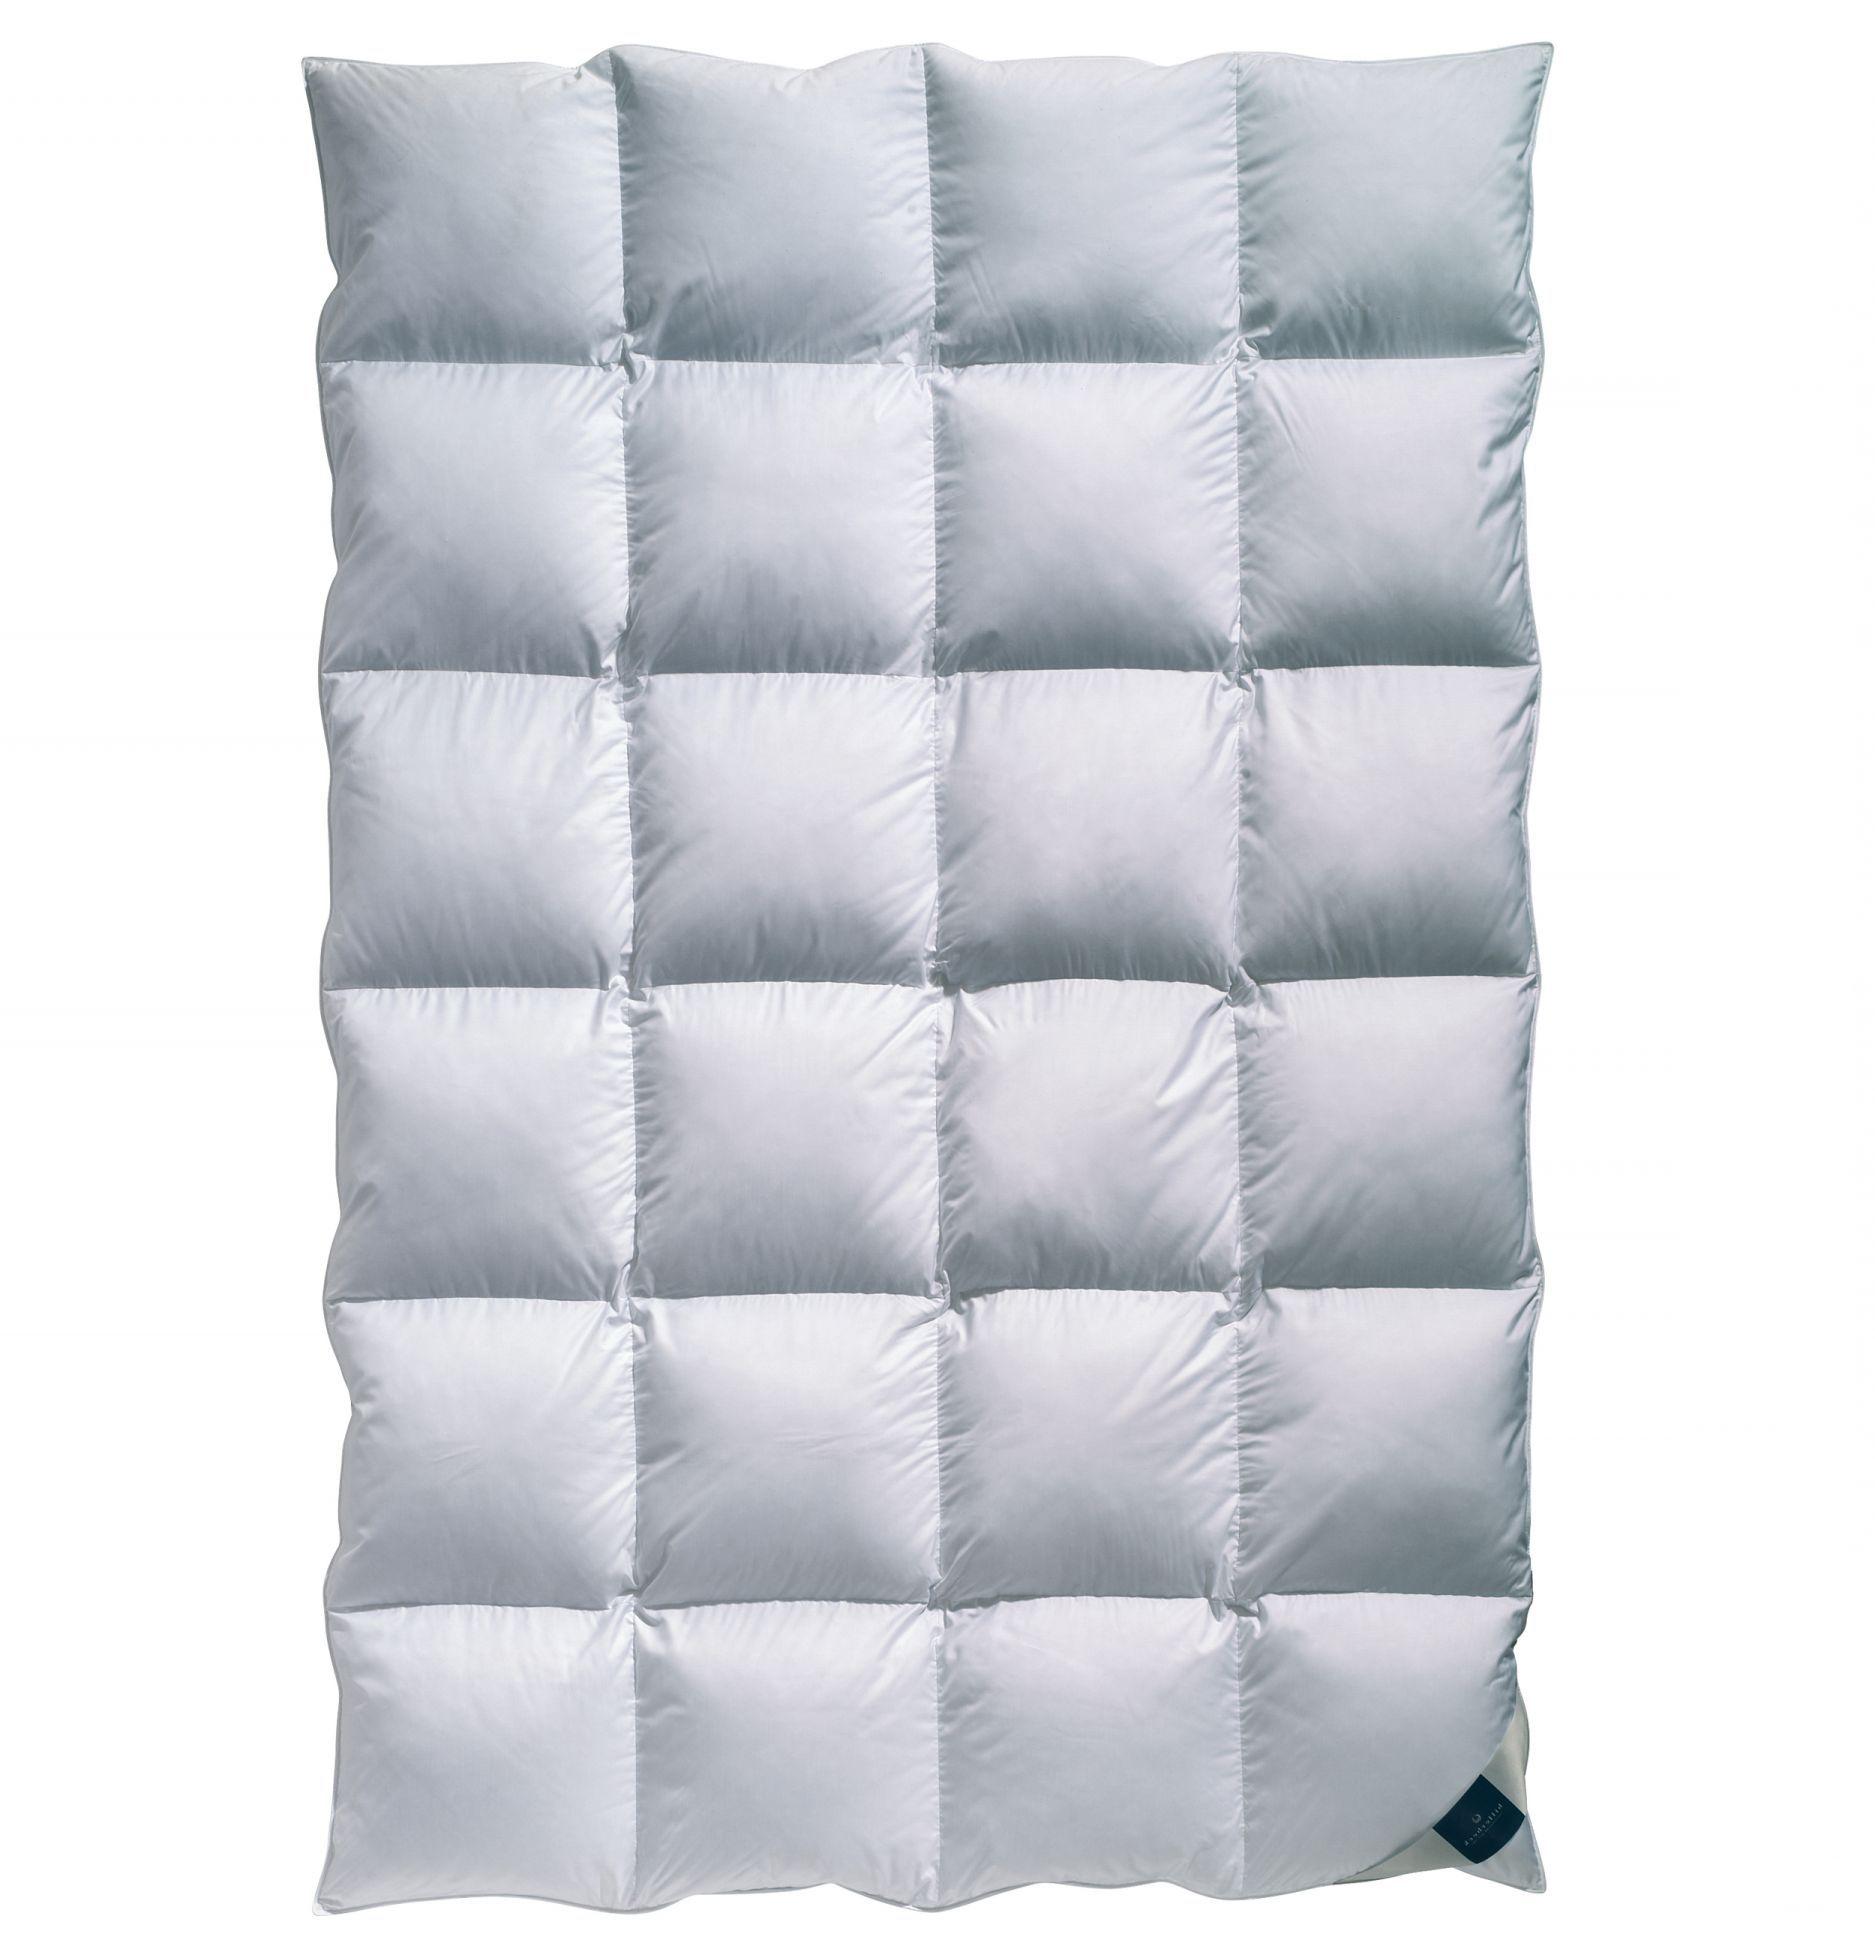 Warmeregulierende Bettdecke Ob Oder Nicht Sie Es Oder Ein